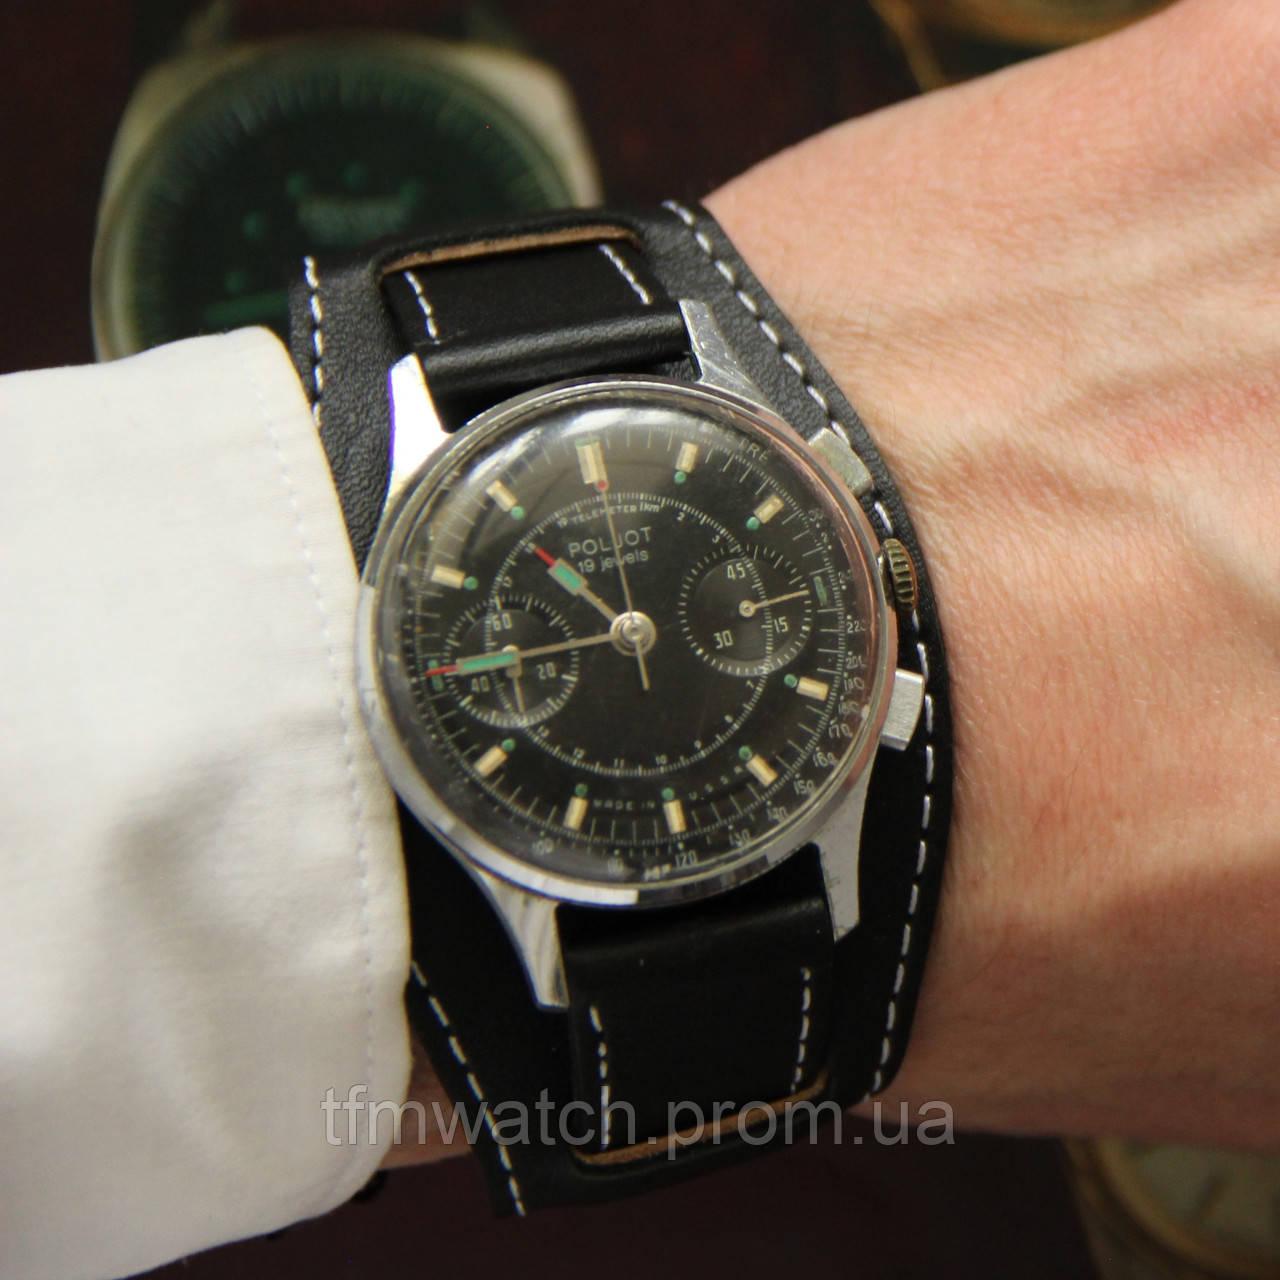 Часы ссср полет купить лучшие фирмы мужских наручных часов